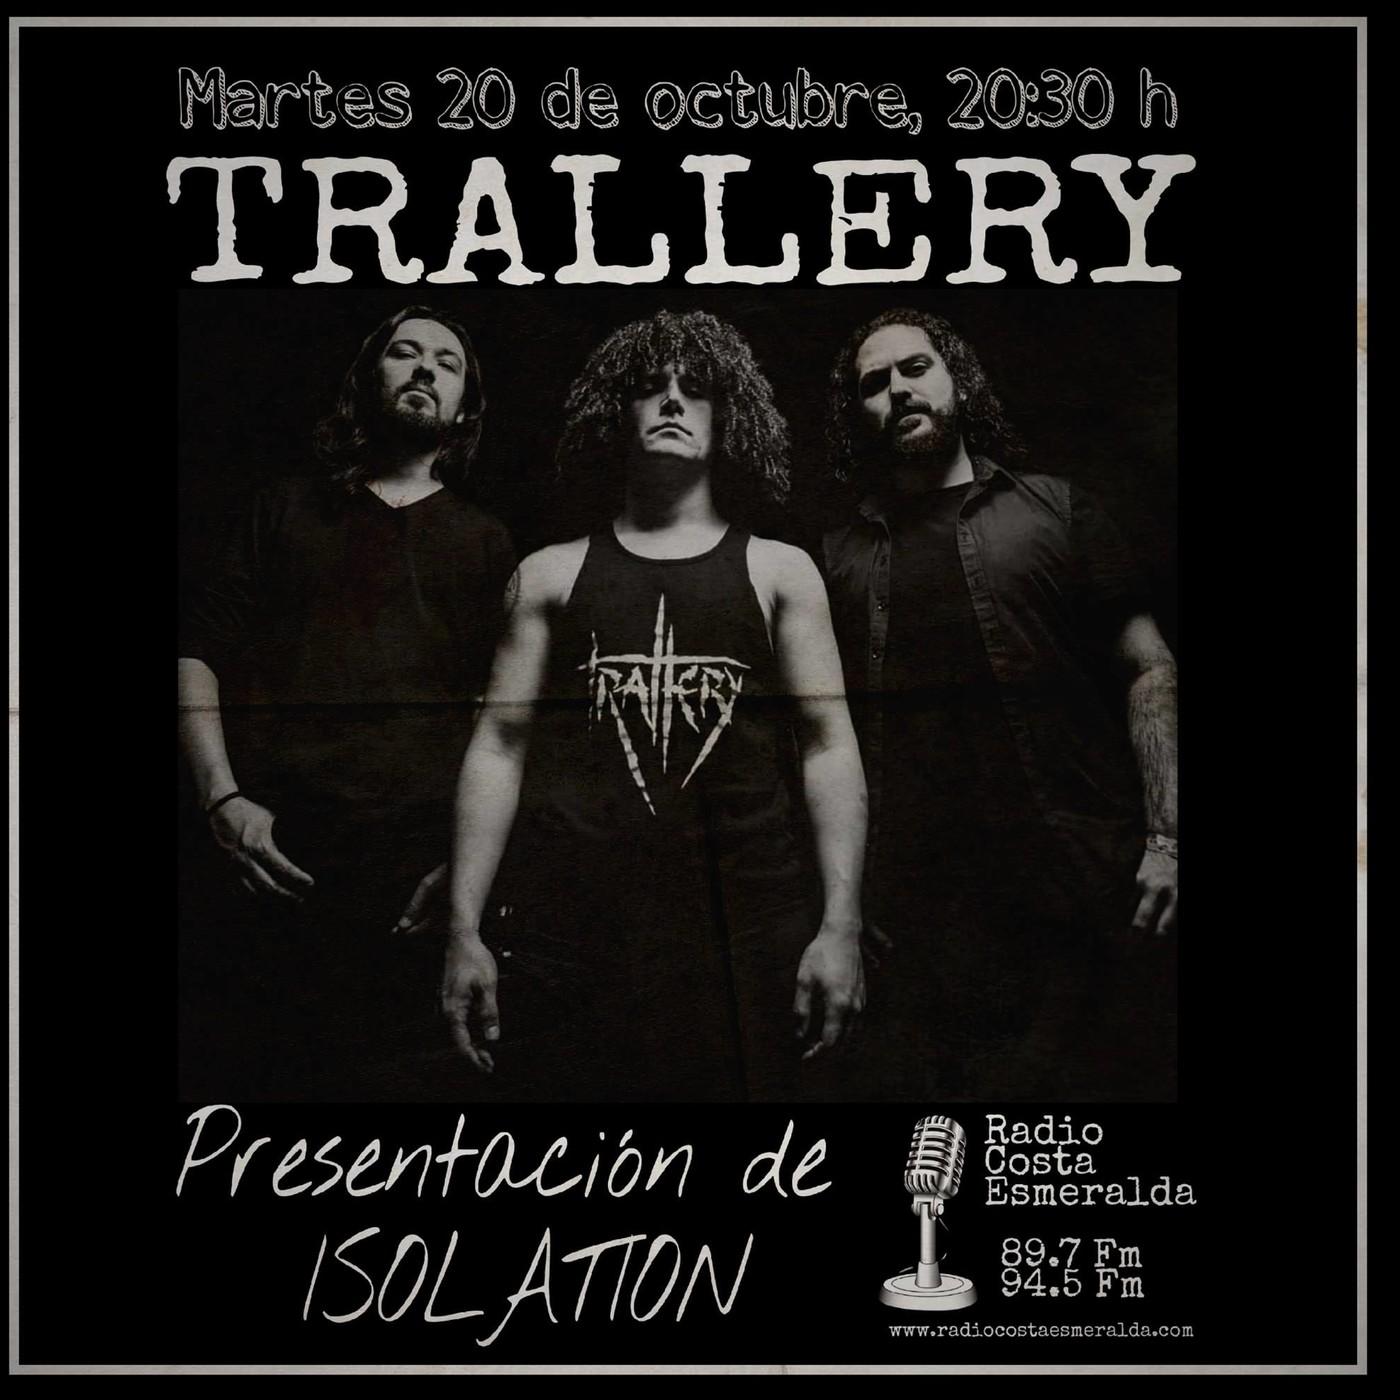 TRALLERY presentación en Radio Costa Esmeralda